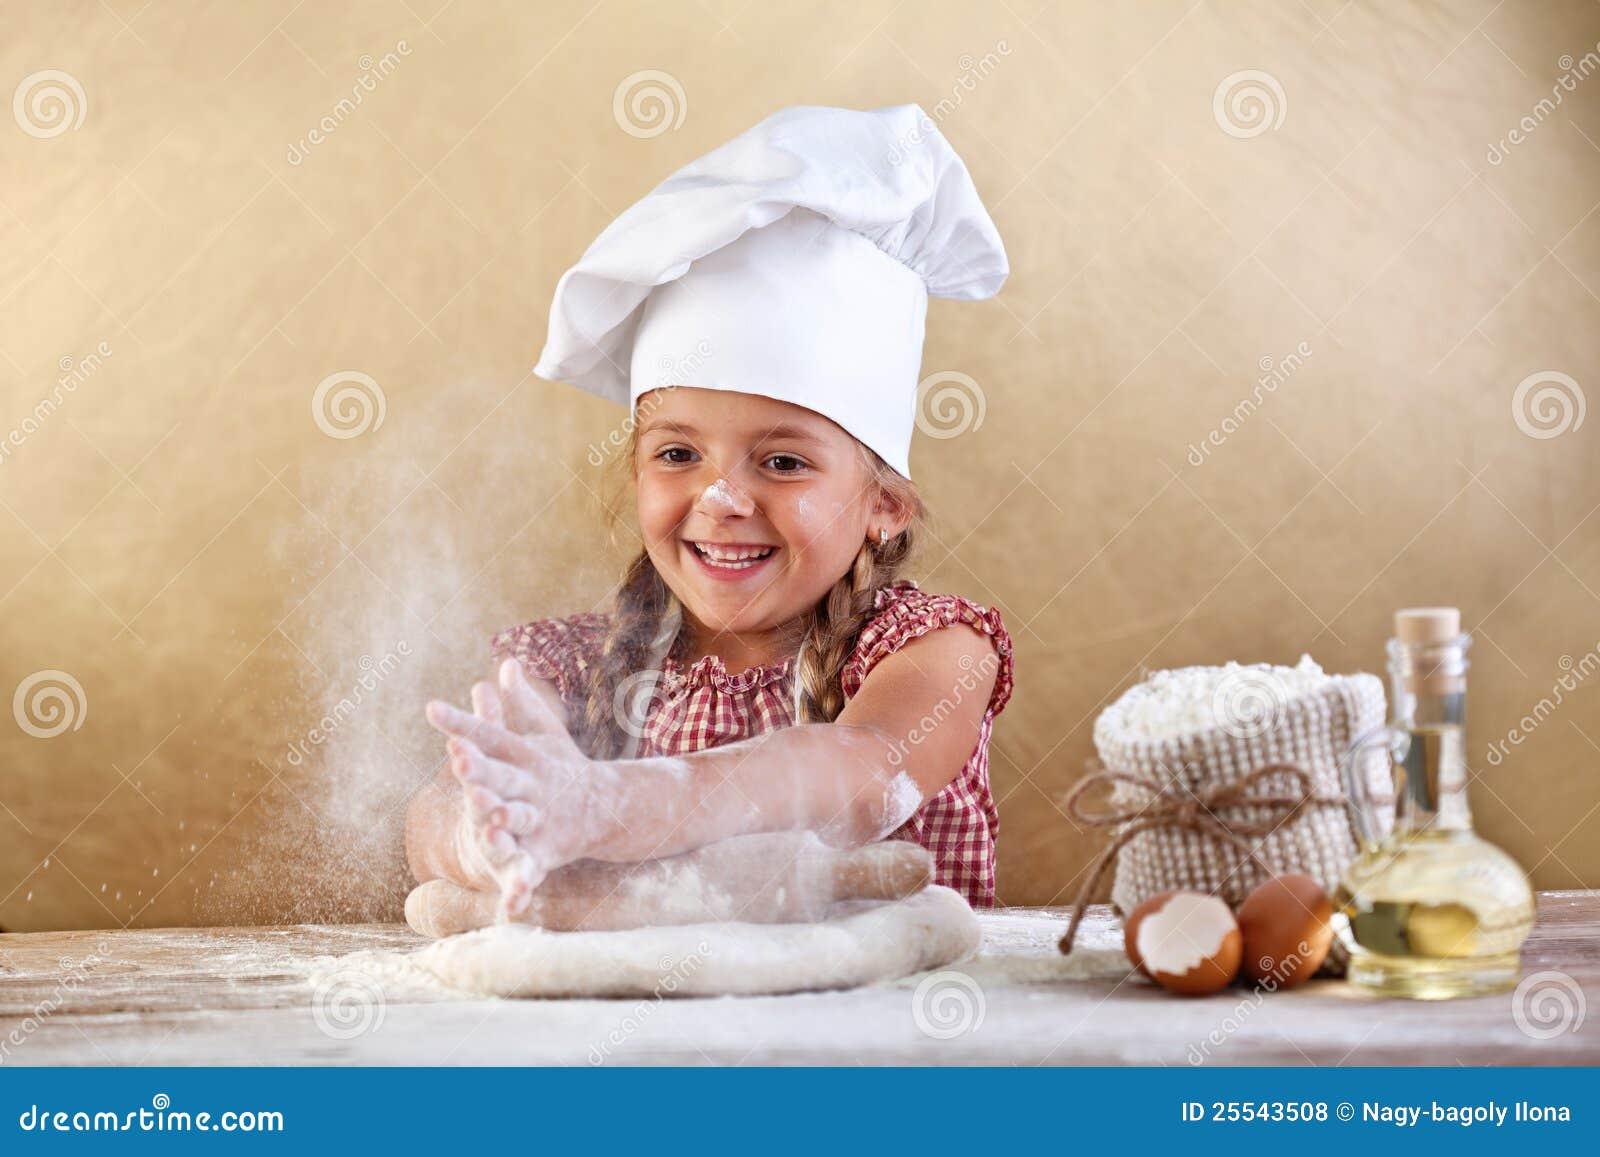 διασκέδαση ζύμης που κατασκευάζει την πίτσα